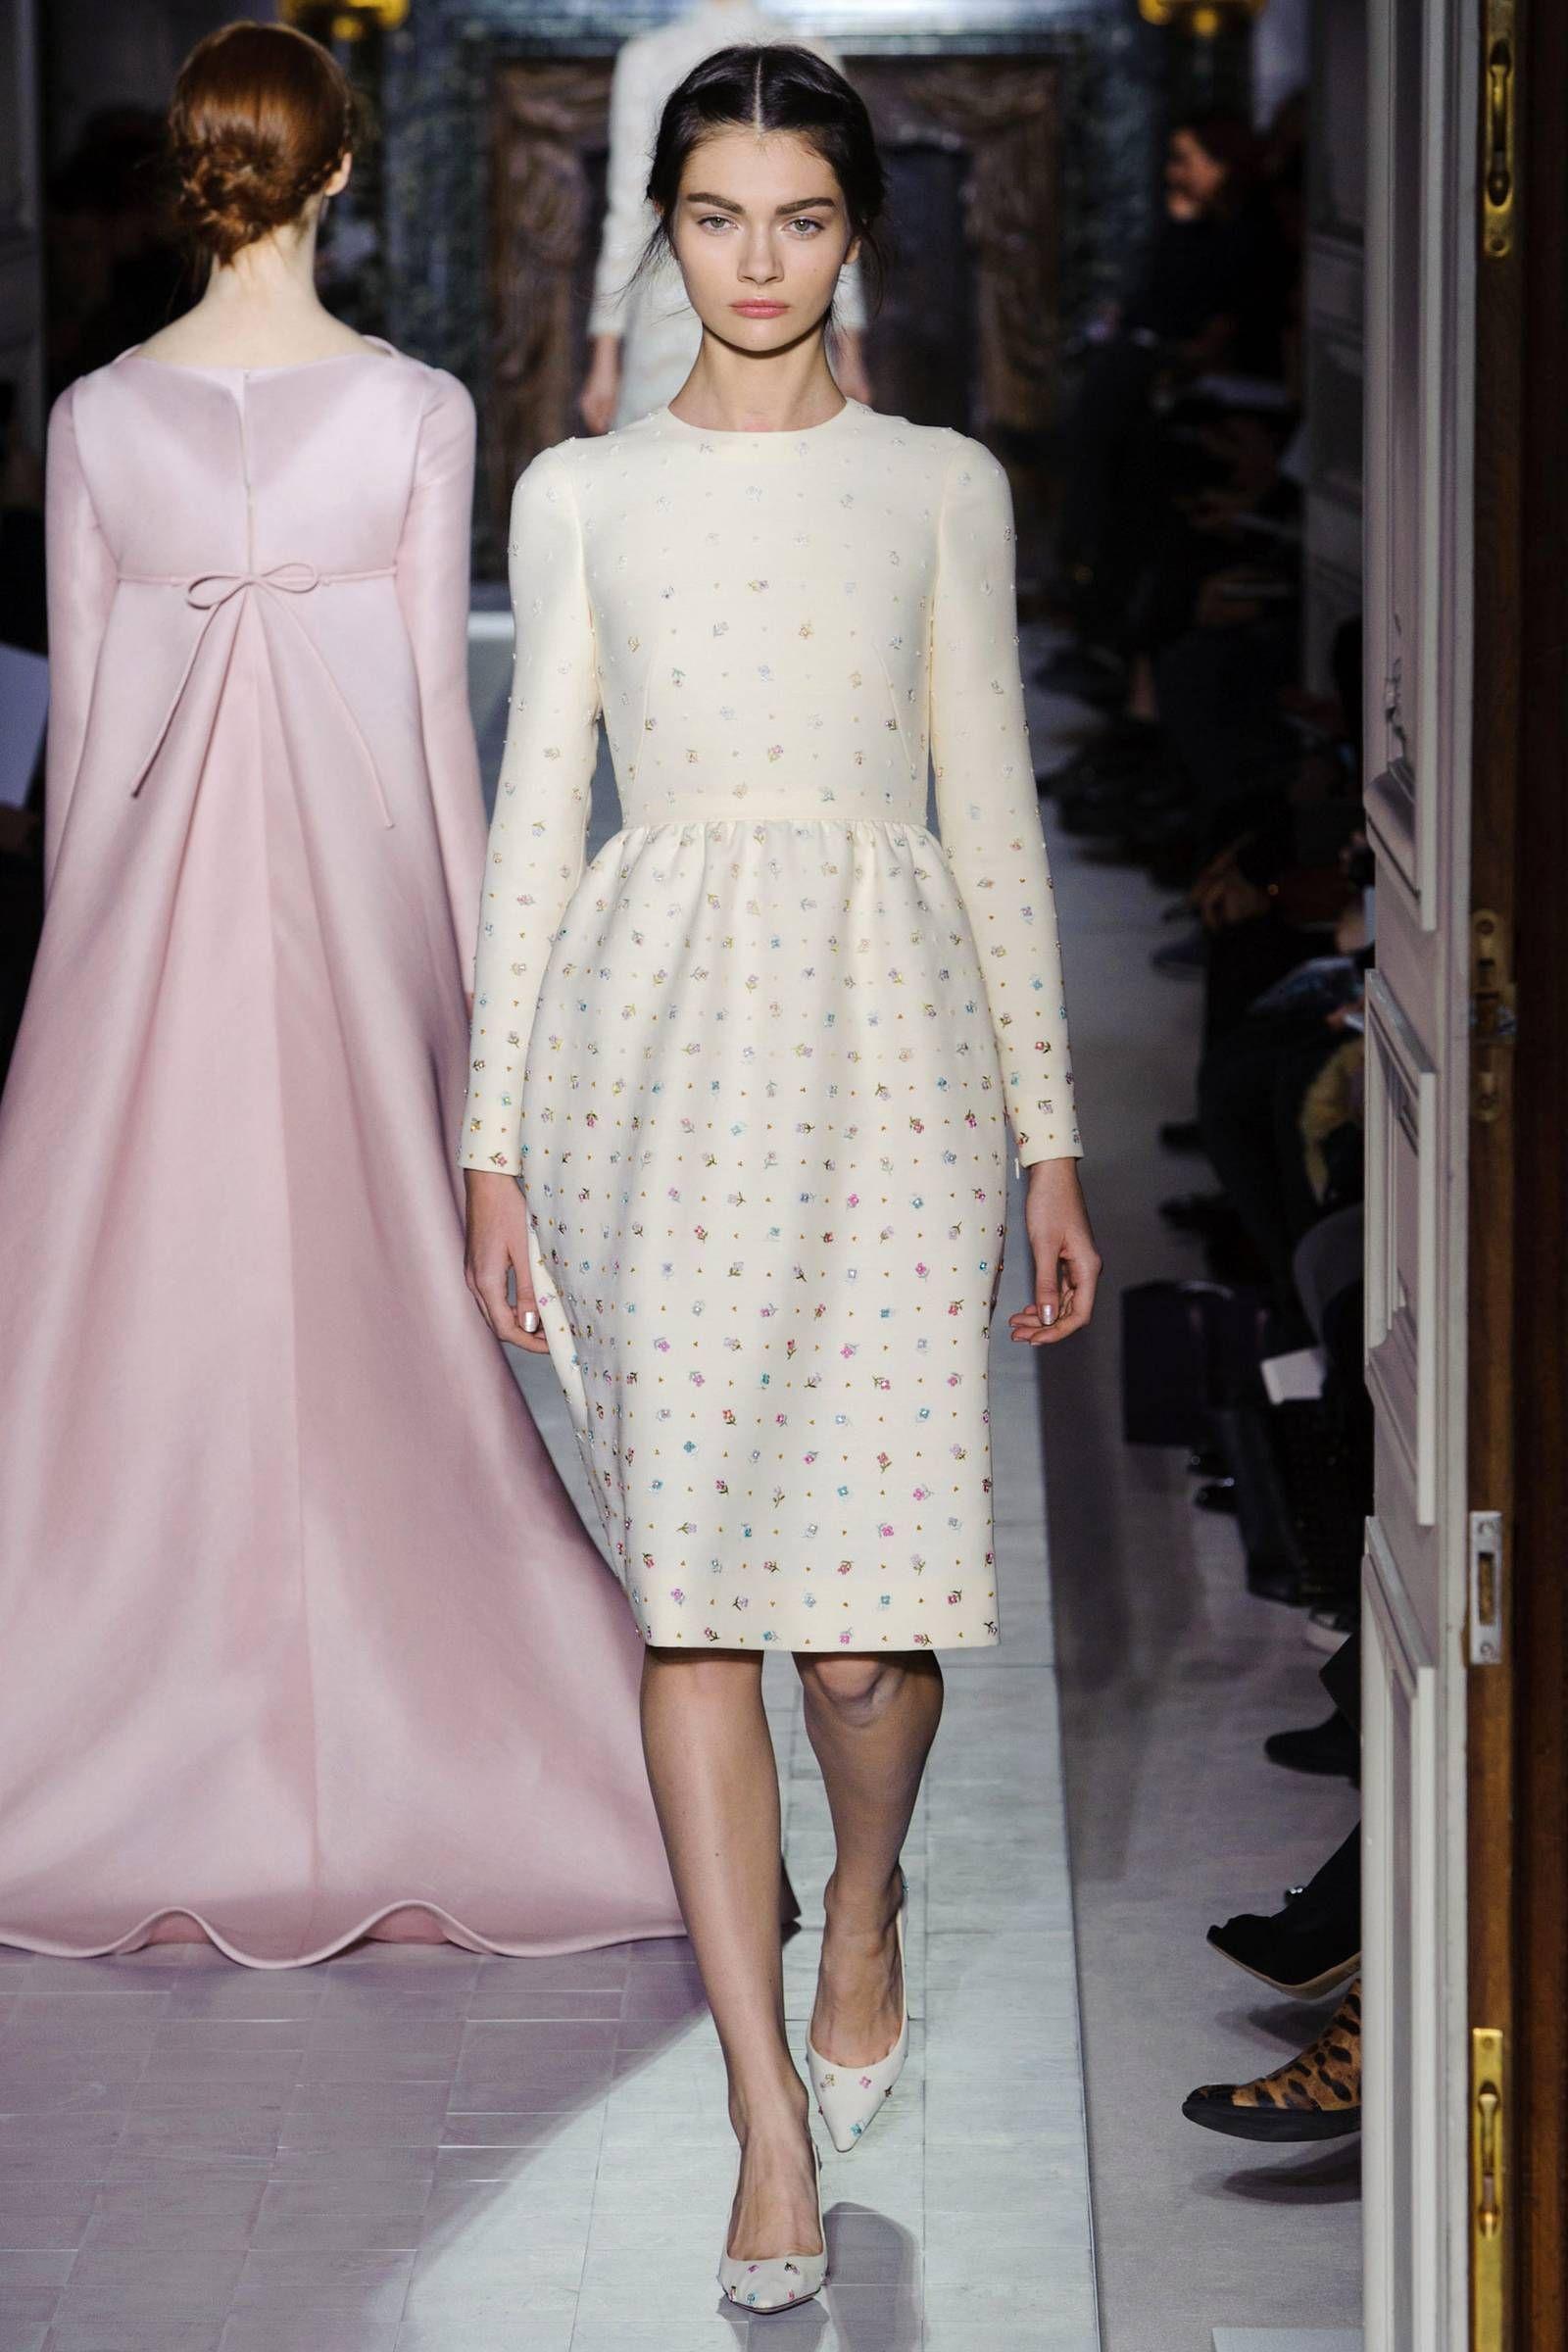 Ubicouture by Christos Mouchas | Trendland: Fashion Blog